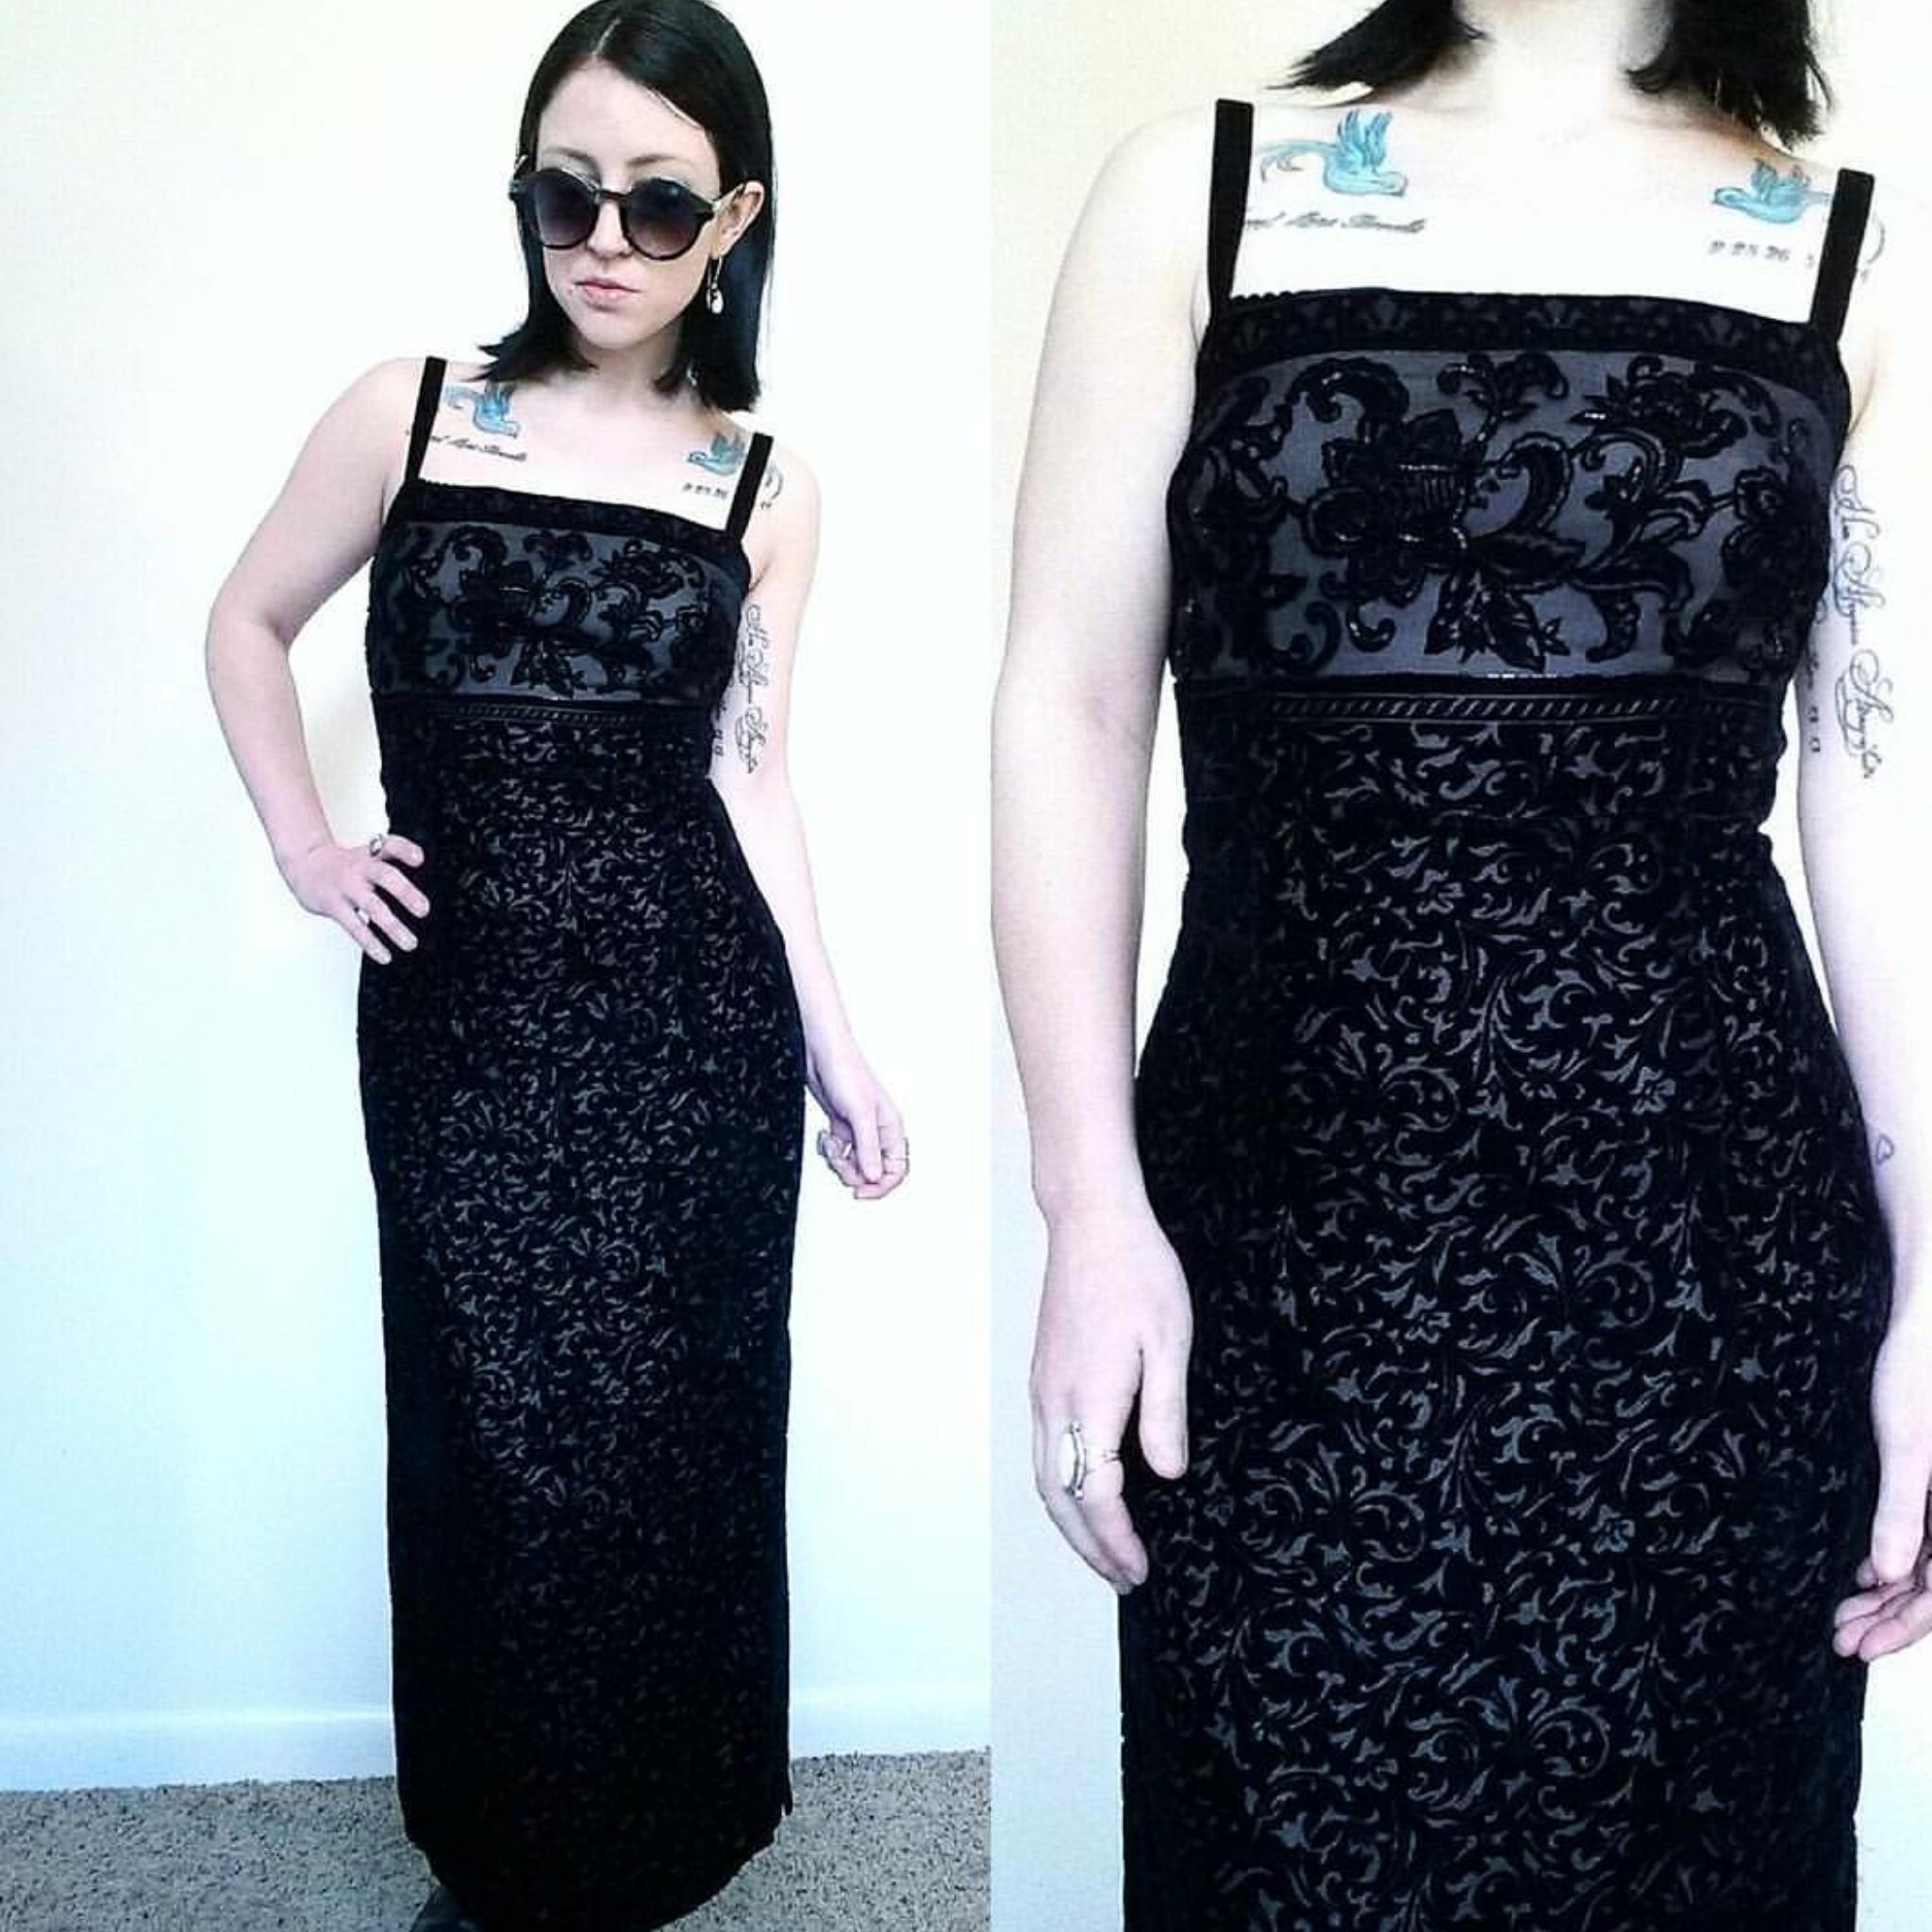 fb5f7c516fb 90 s Black Floral Velvet Maxi Dress - Vintage GRUNGE PROM Dress ...